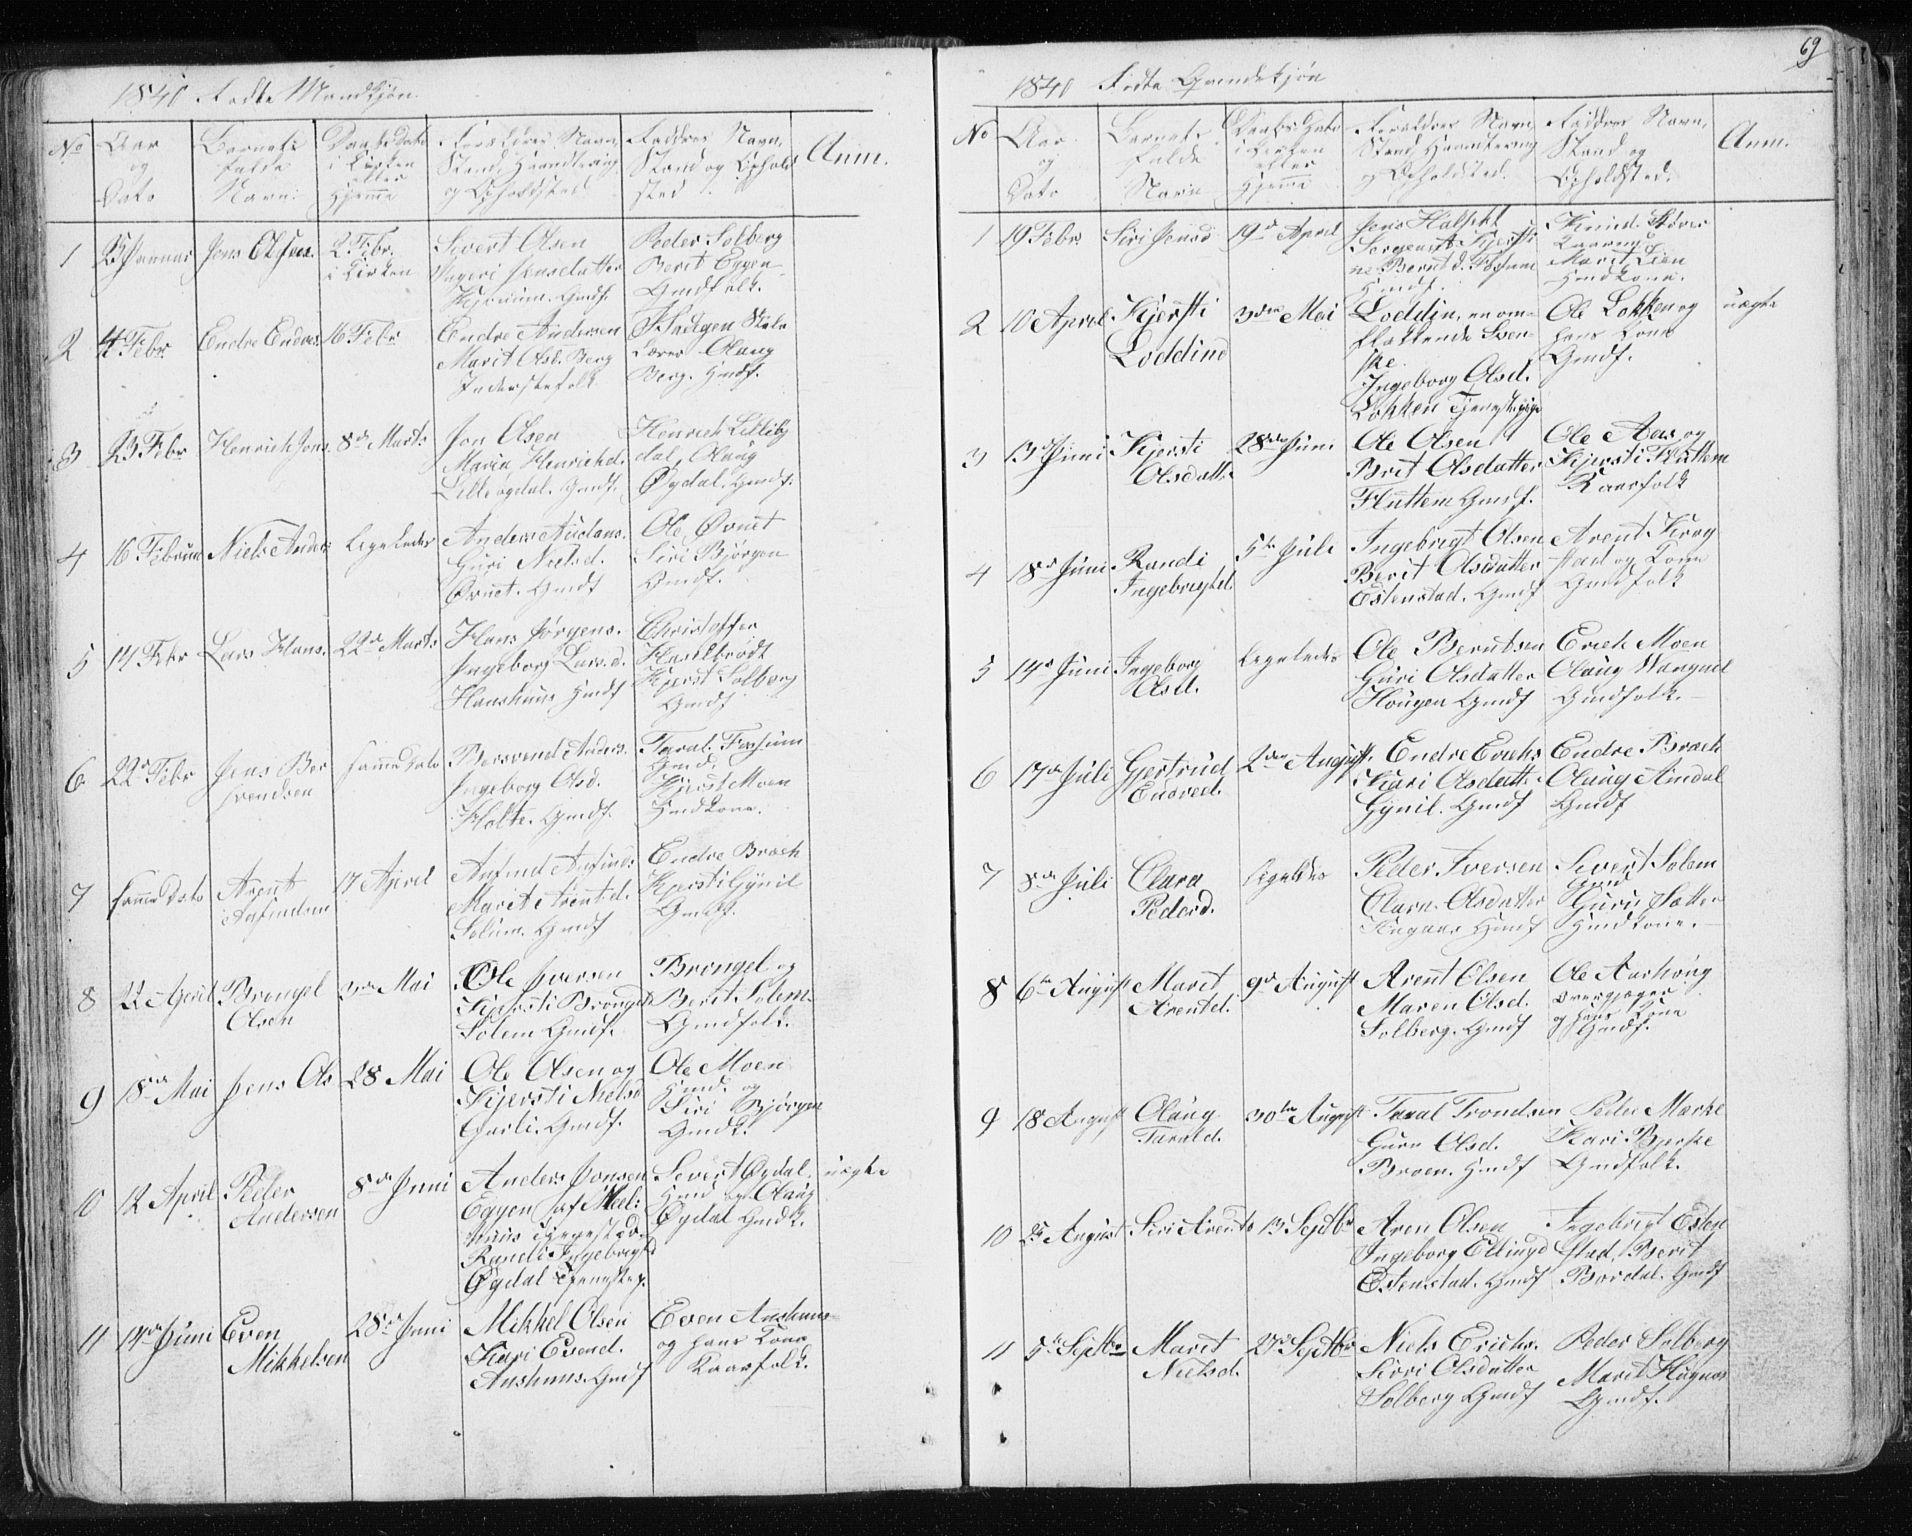 SAT, Ministerialprotokoller, klokkerbøker og fødselsregistre - Sør-Trøndelag, 689/L1043: Klokkerbok nr. 689C02, 1816-1892, s. 69